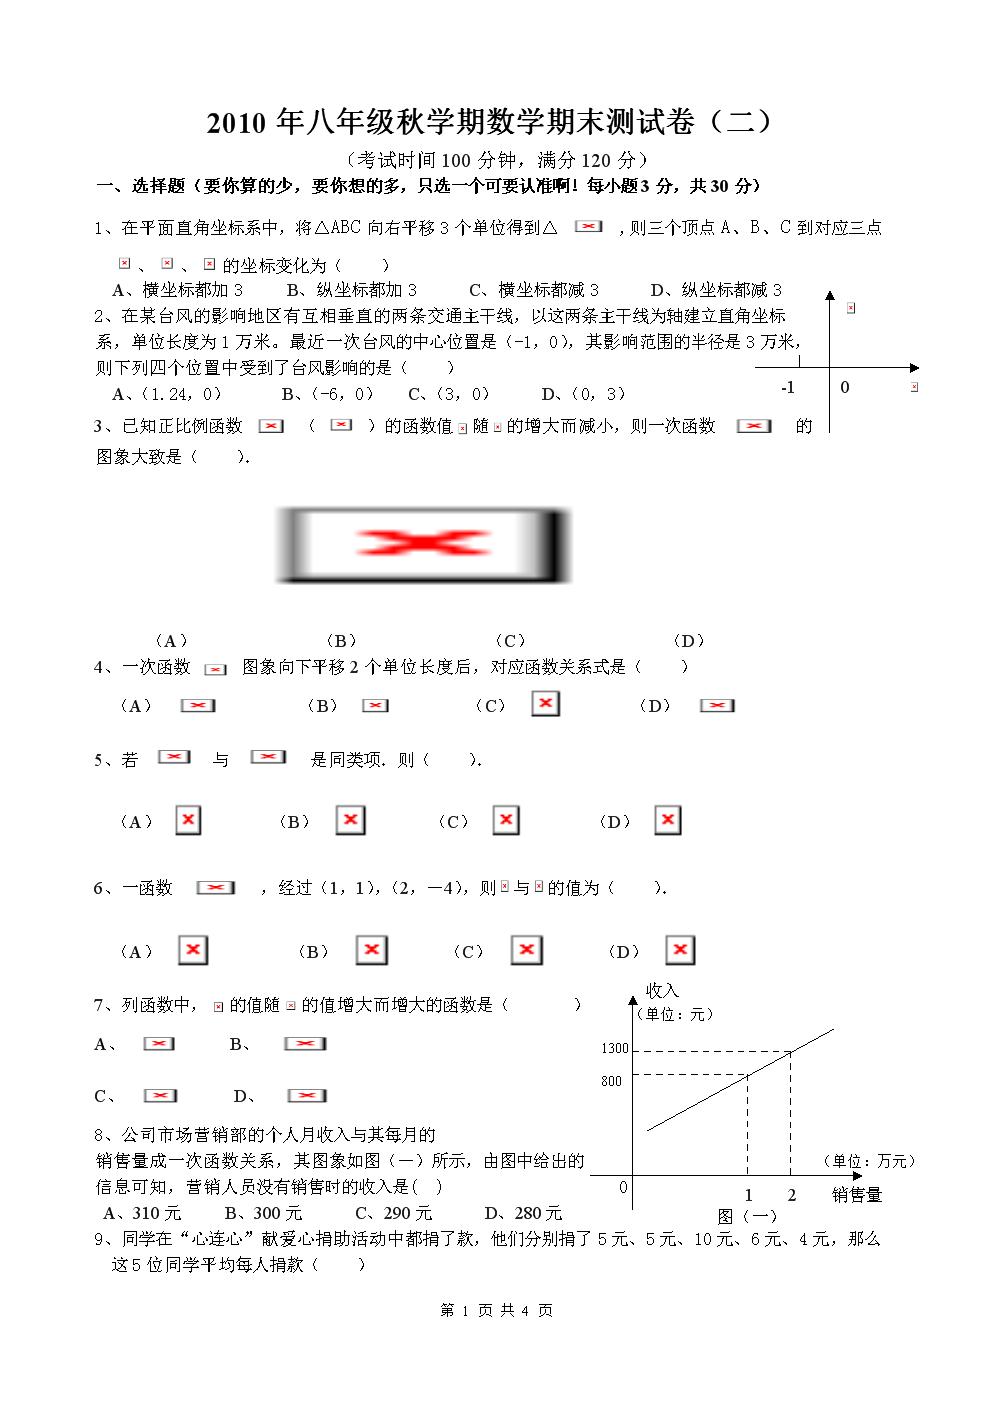 八年级物理上册重点知识